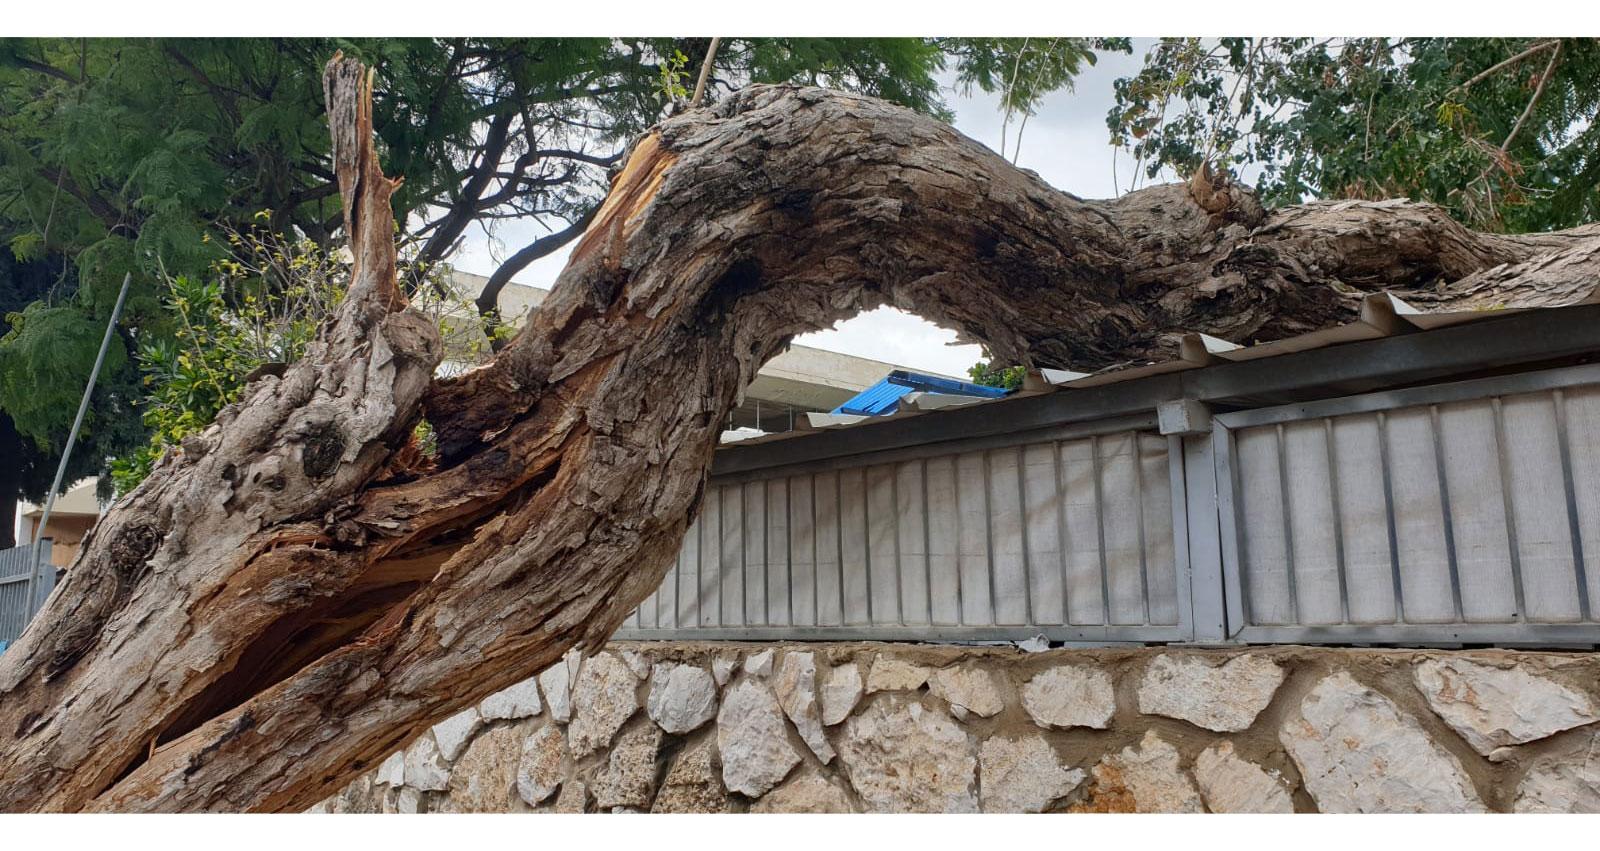 עץ קרס על מחסן במעון ילדים בהרצליה. מזג האוויר 17.02.2021